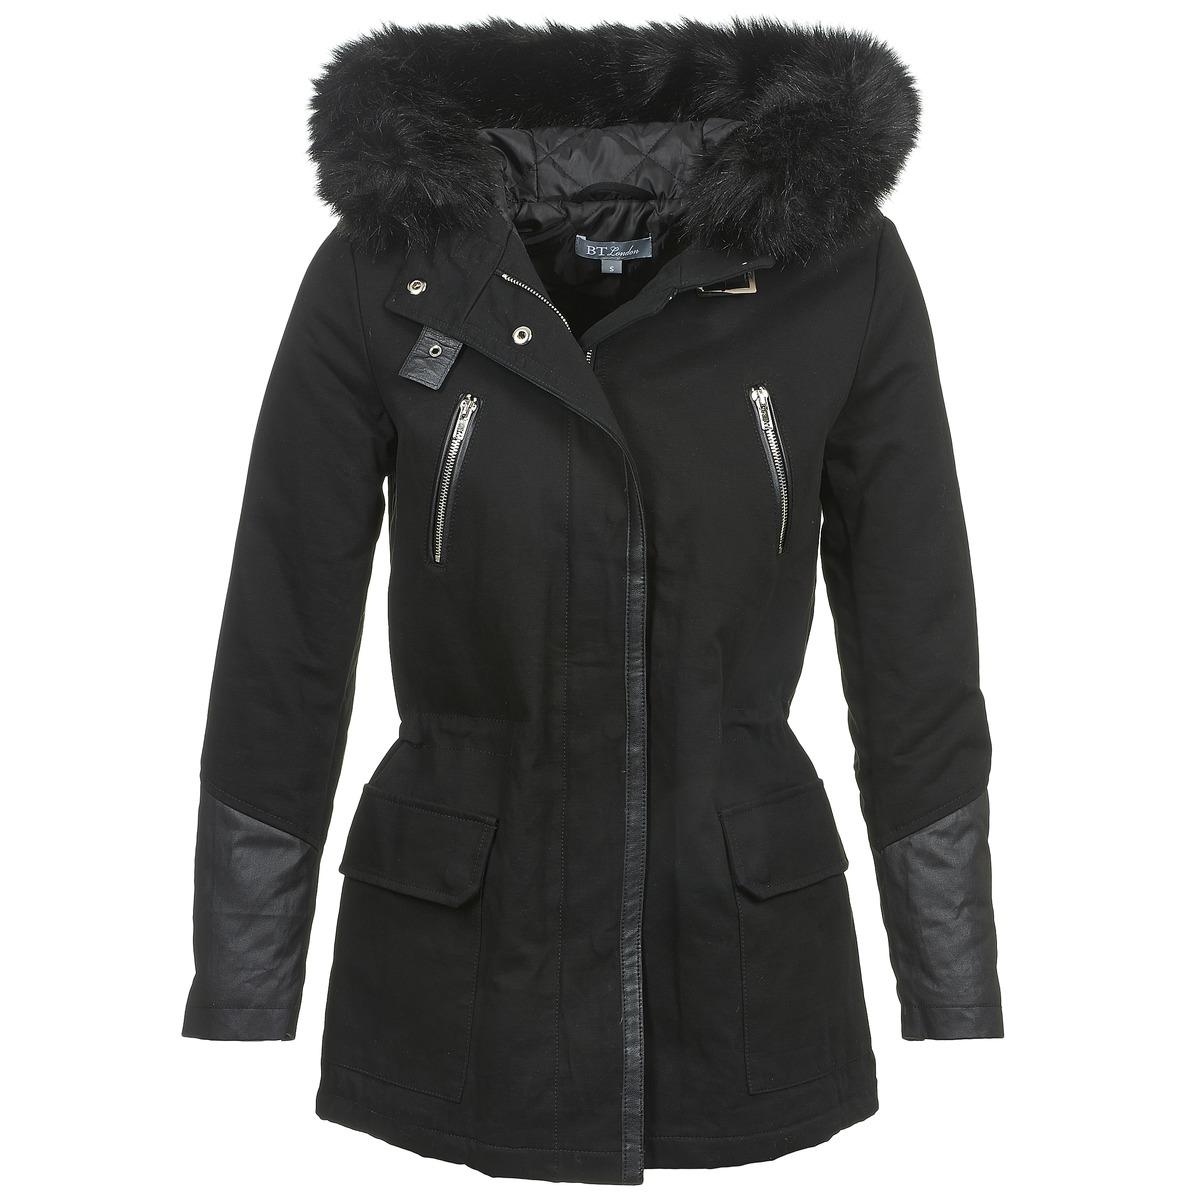 manteau chaud femme pour un hiver au chaud. Black Bedroom Furniture Sets. Home Design Ideas